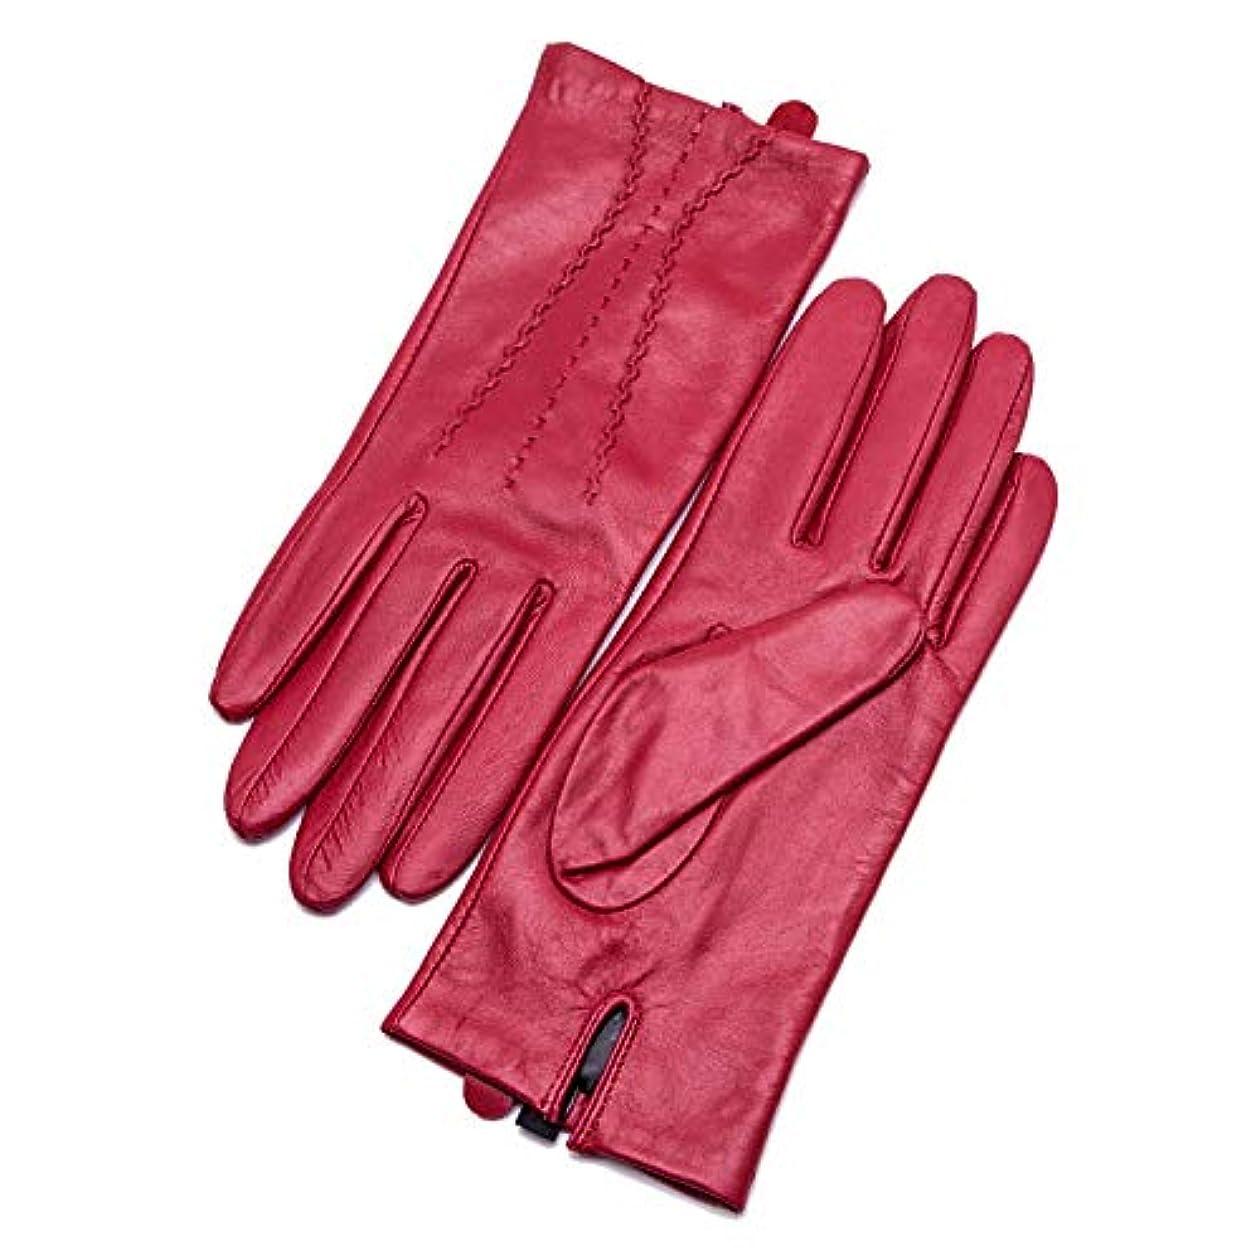 可聴弁護人に向かってBAJIMI 手袋 グローブ レディース/メンズ ハンド ケア レザーグローブレディース薄手ライディングウィンドグローブ 裏起毛 おしゃれ 手触りが良い 運転 耐磨耗性 換気性